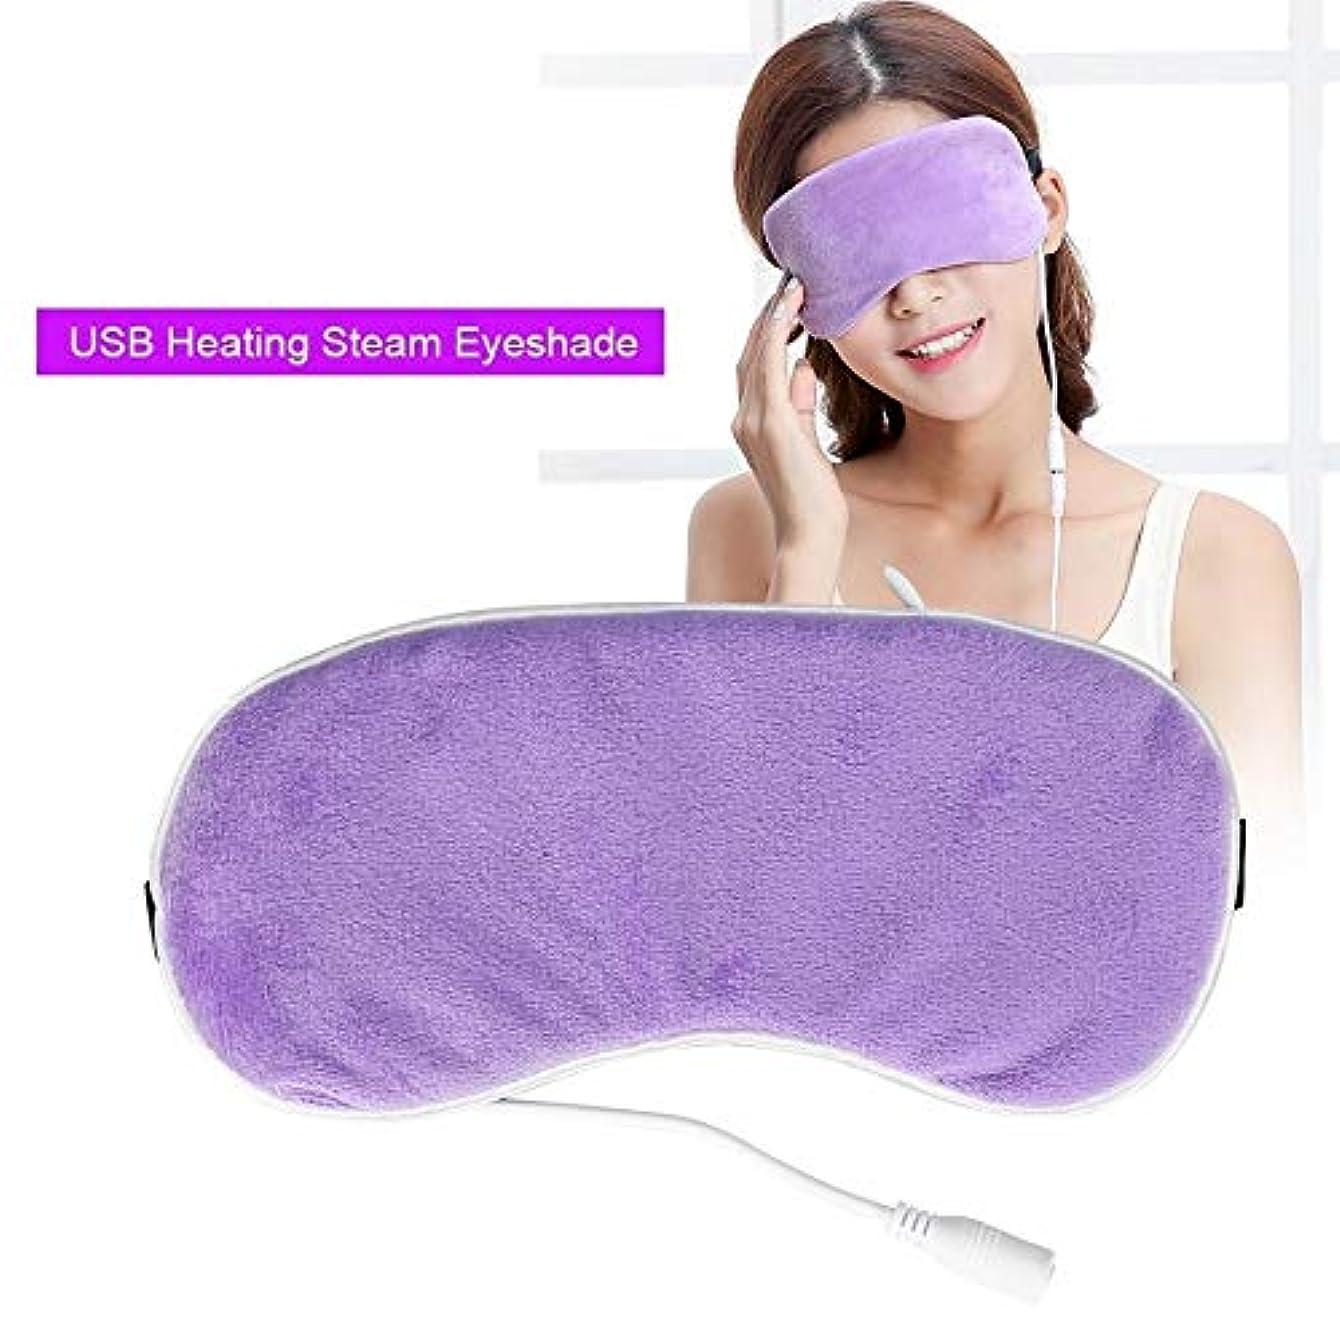 検索エンジンマーケティングクロス巨大なNOTE USB暖房蒸気アイシェードラベンダーアイマスクアンチダークサークルアイパッチアイマッサージャー疲労緩和睡眠旅行アイシェードマスク